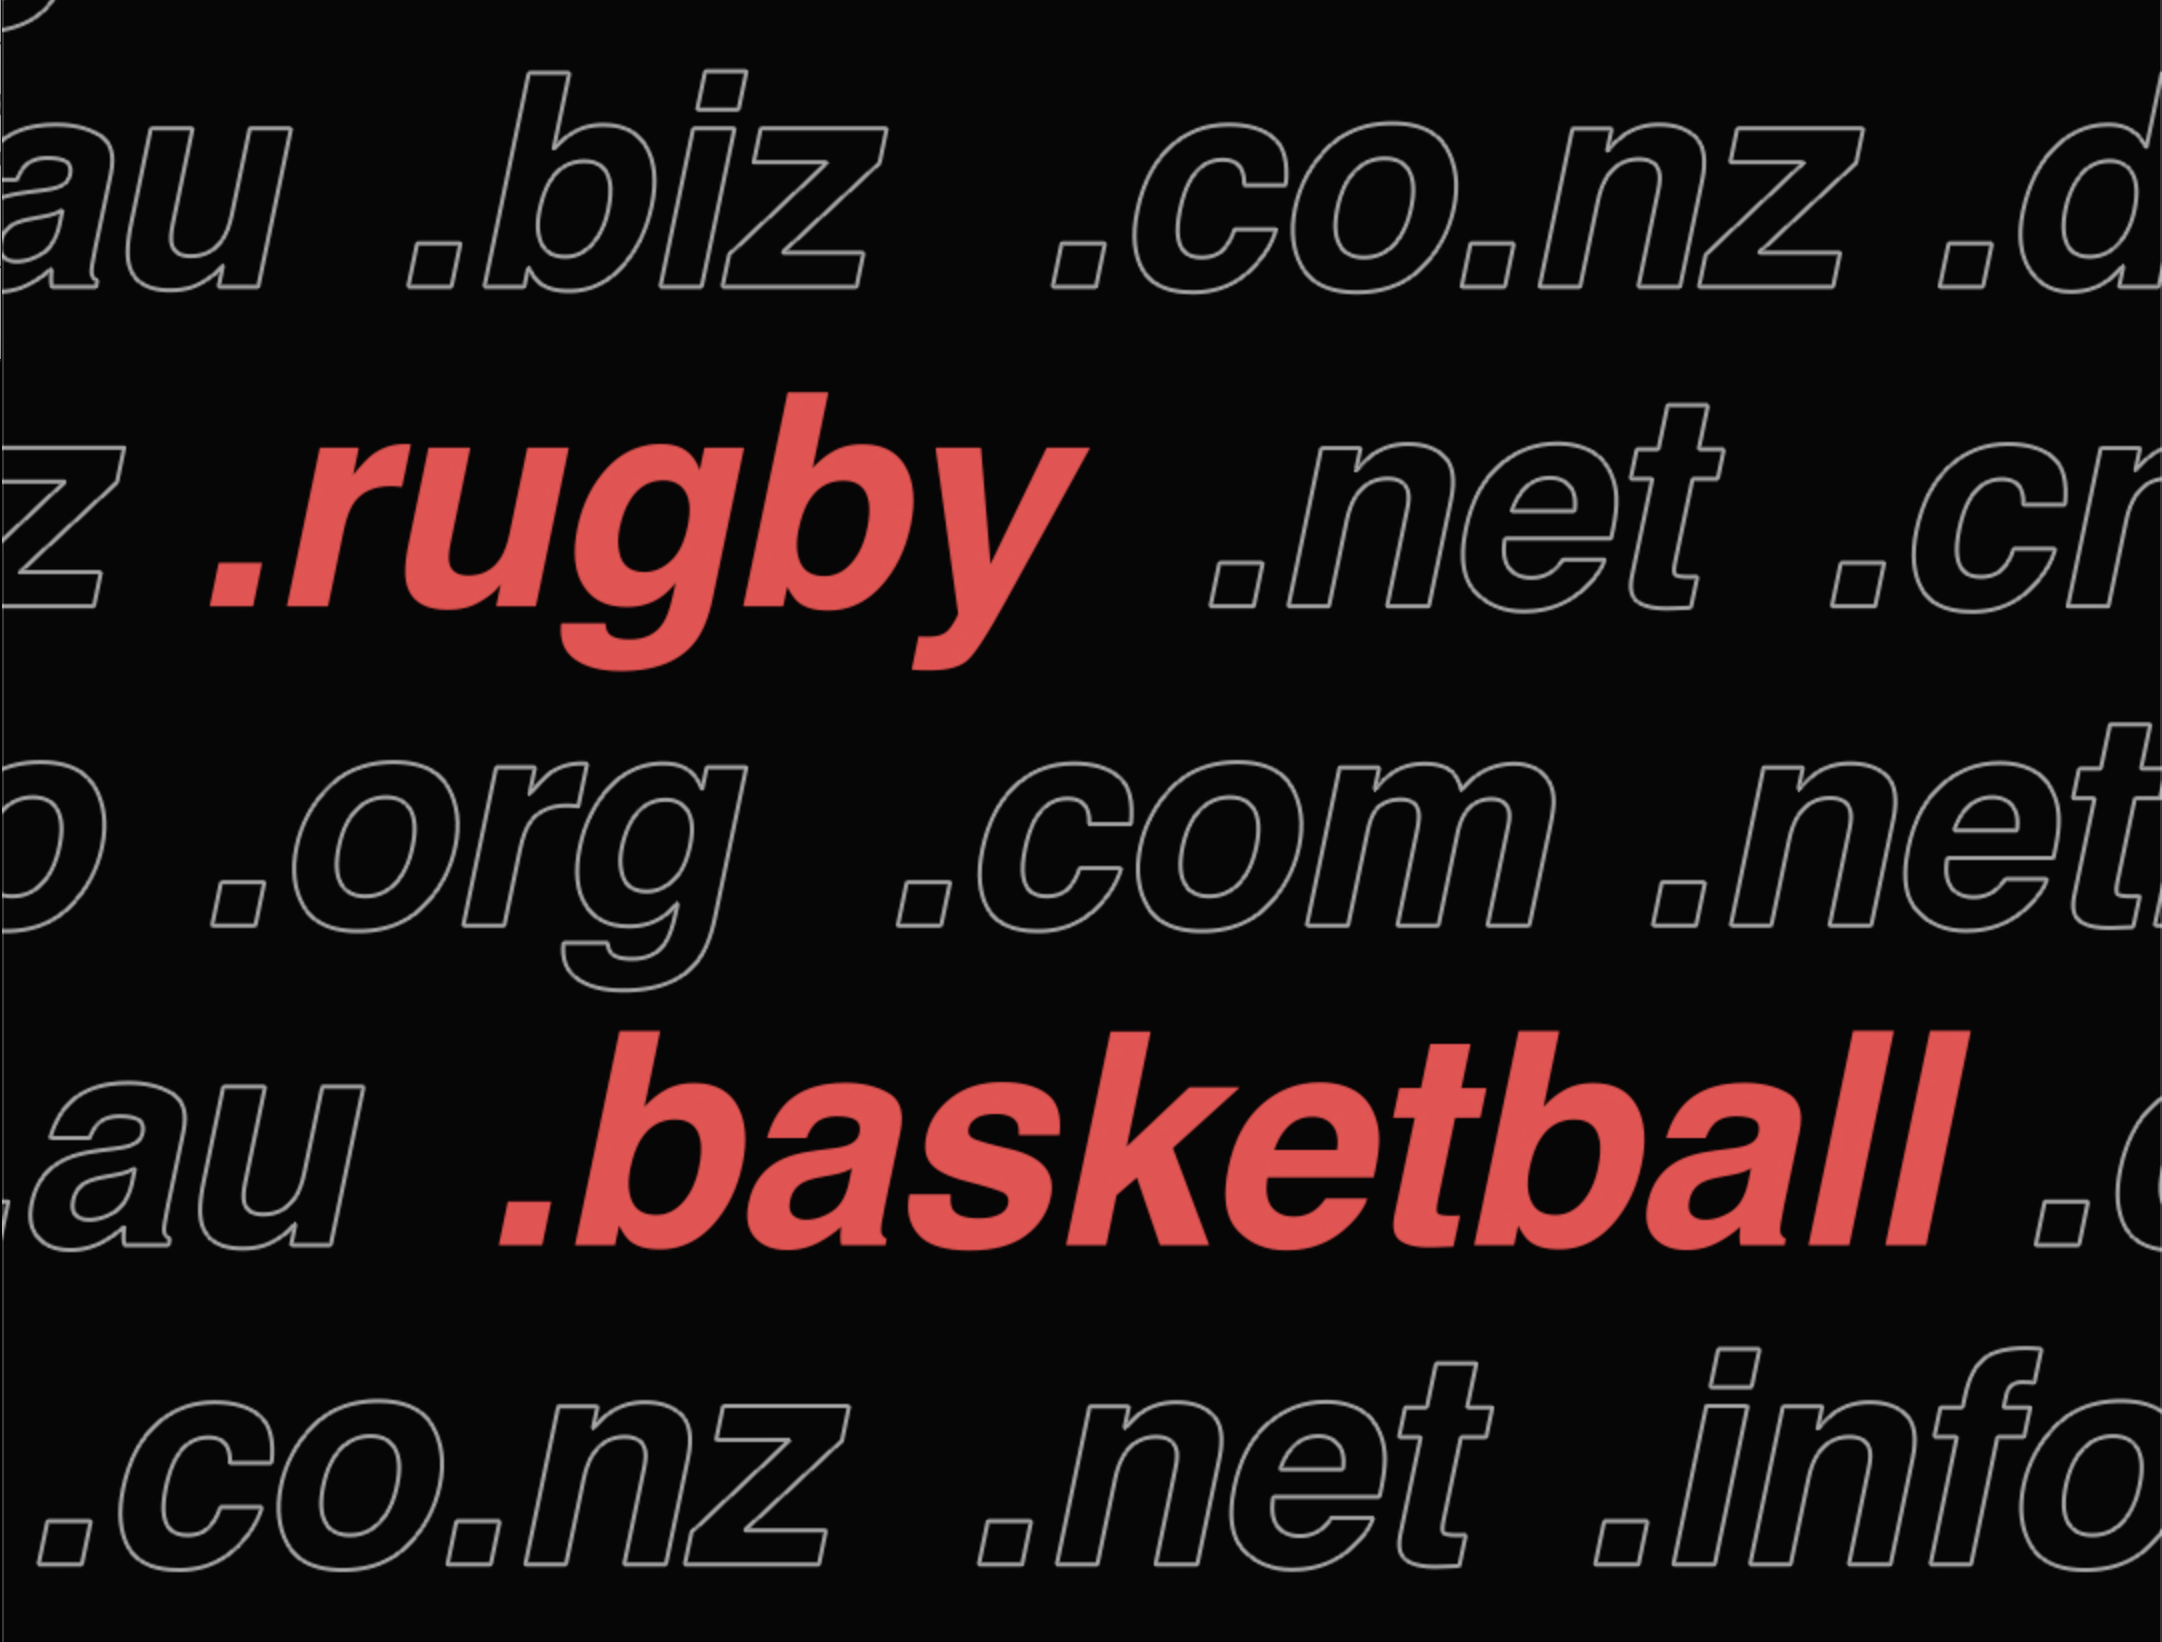 Top Level Domains - gute Idee aber kaum genutzt